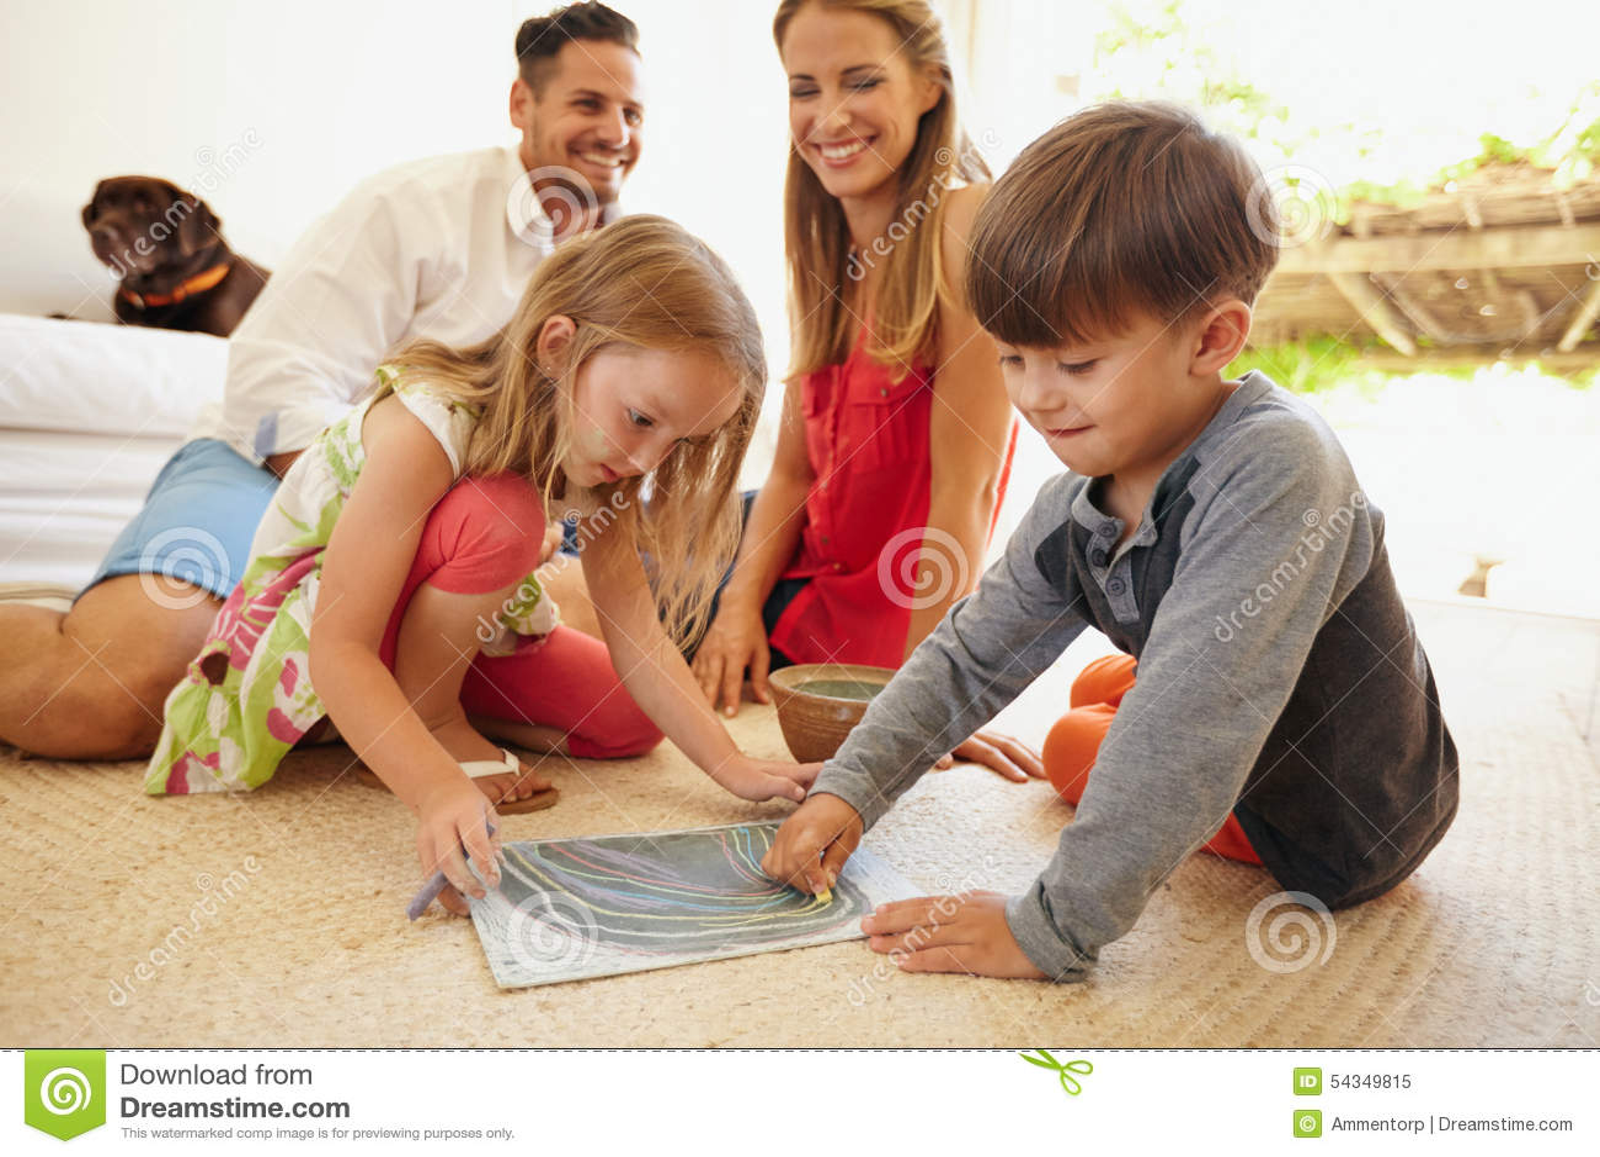 wohnzimmer zeichnung:Kinder, Die Mit Ihren Eltern Im Wohnzimmer Zeichnen Stockfoto – Bild